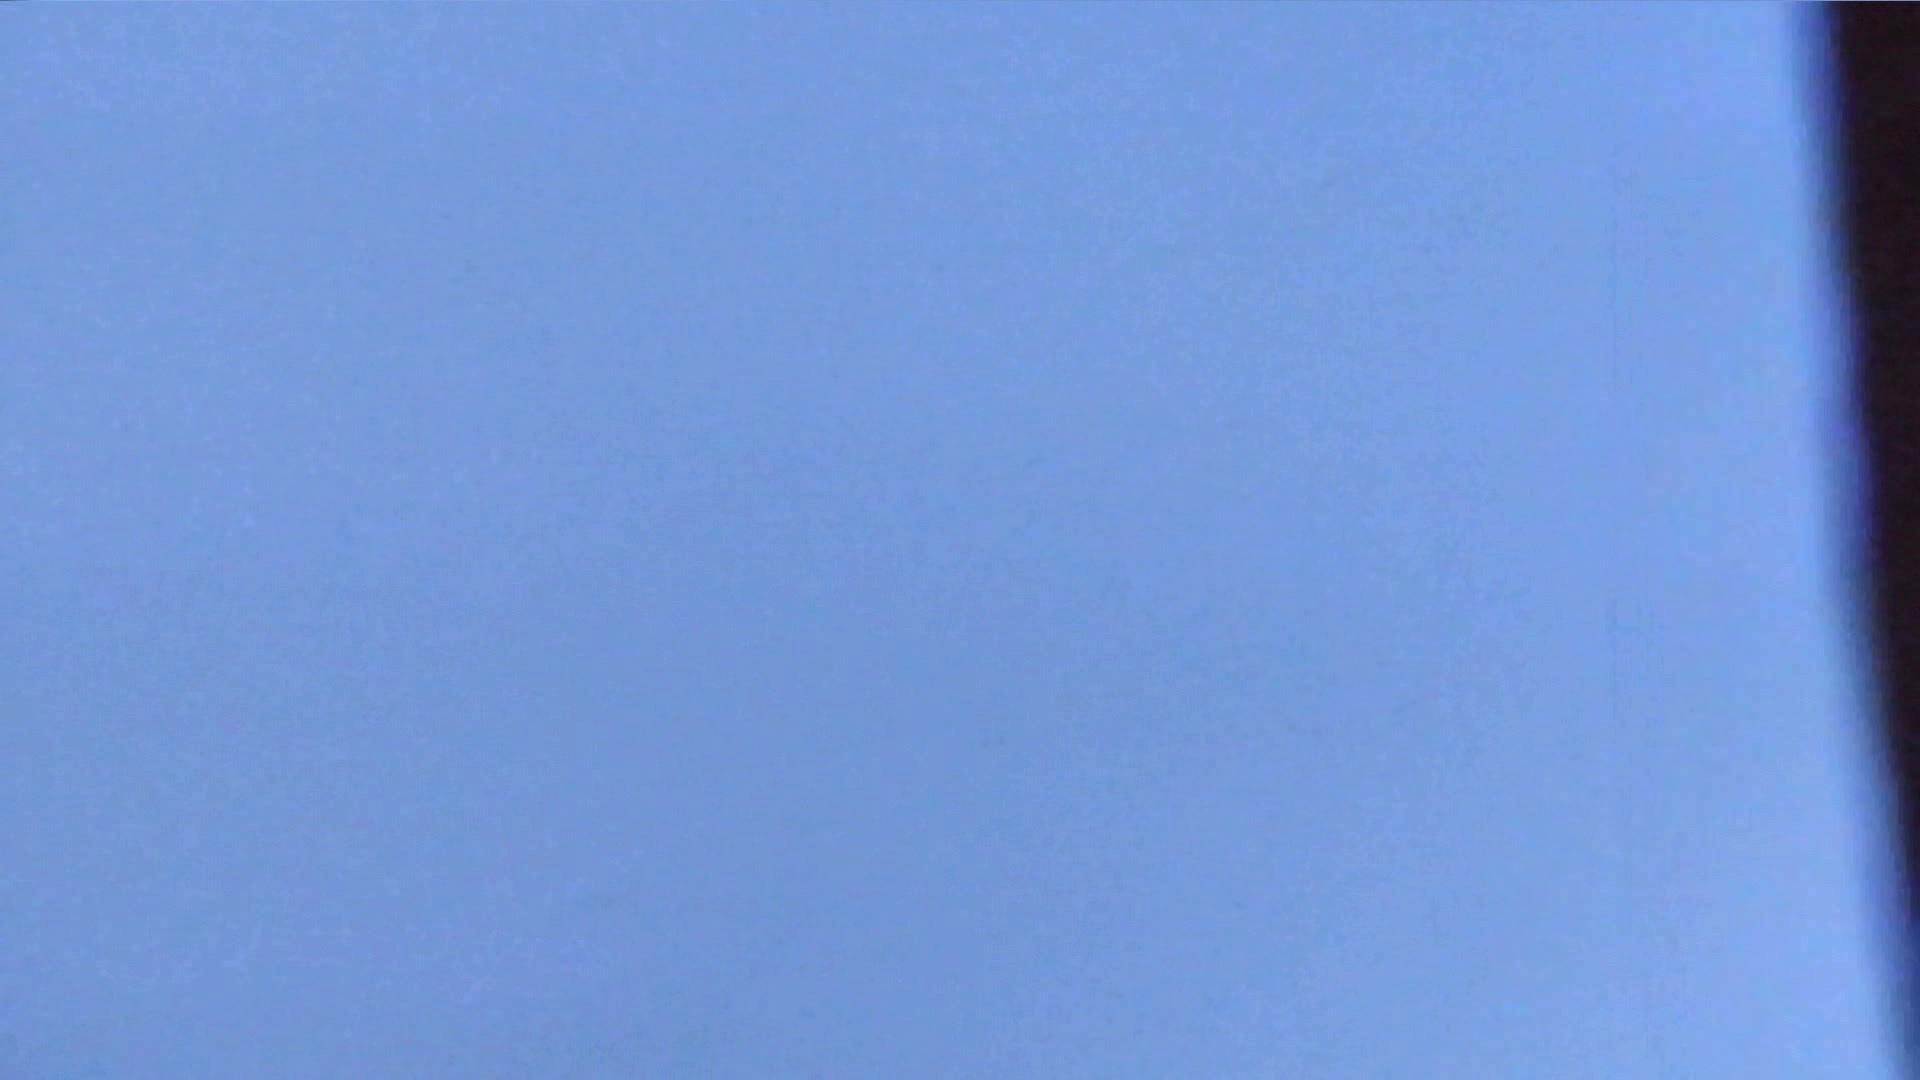 阿国ちゃんの「和式洋式七変化」No.3 ギャル達 戯れ無修正画像 106枚 44